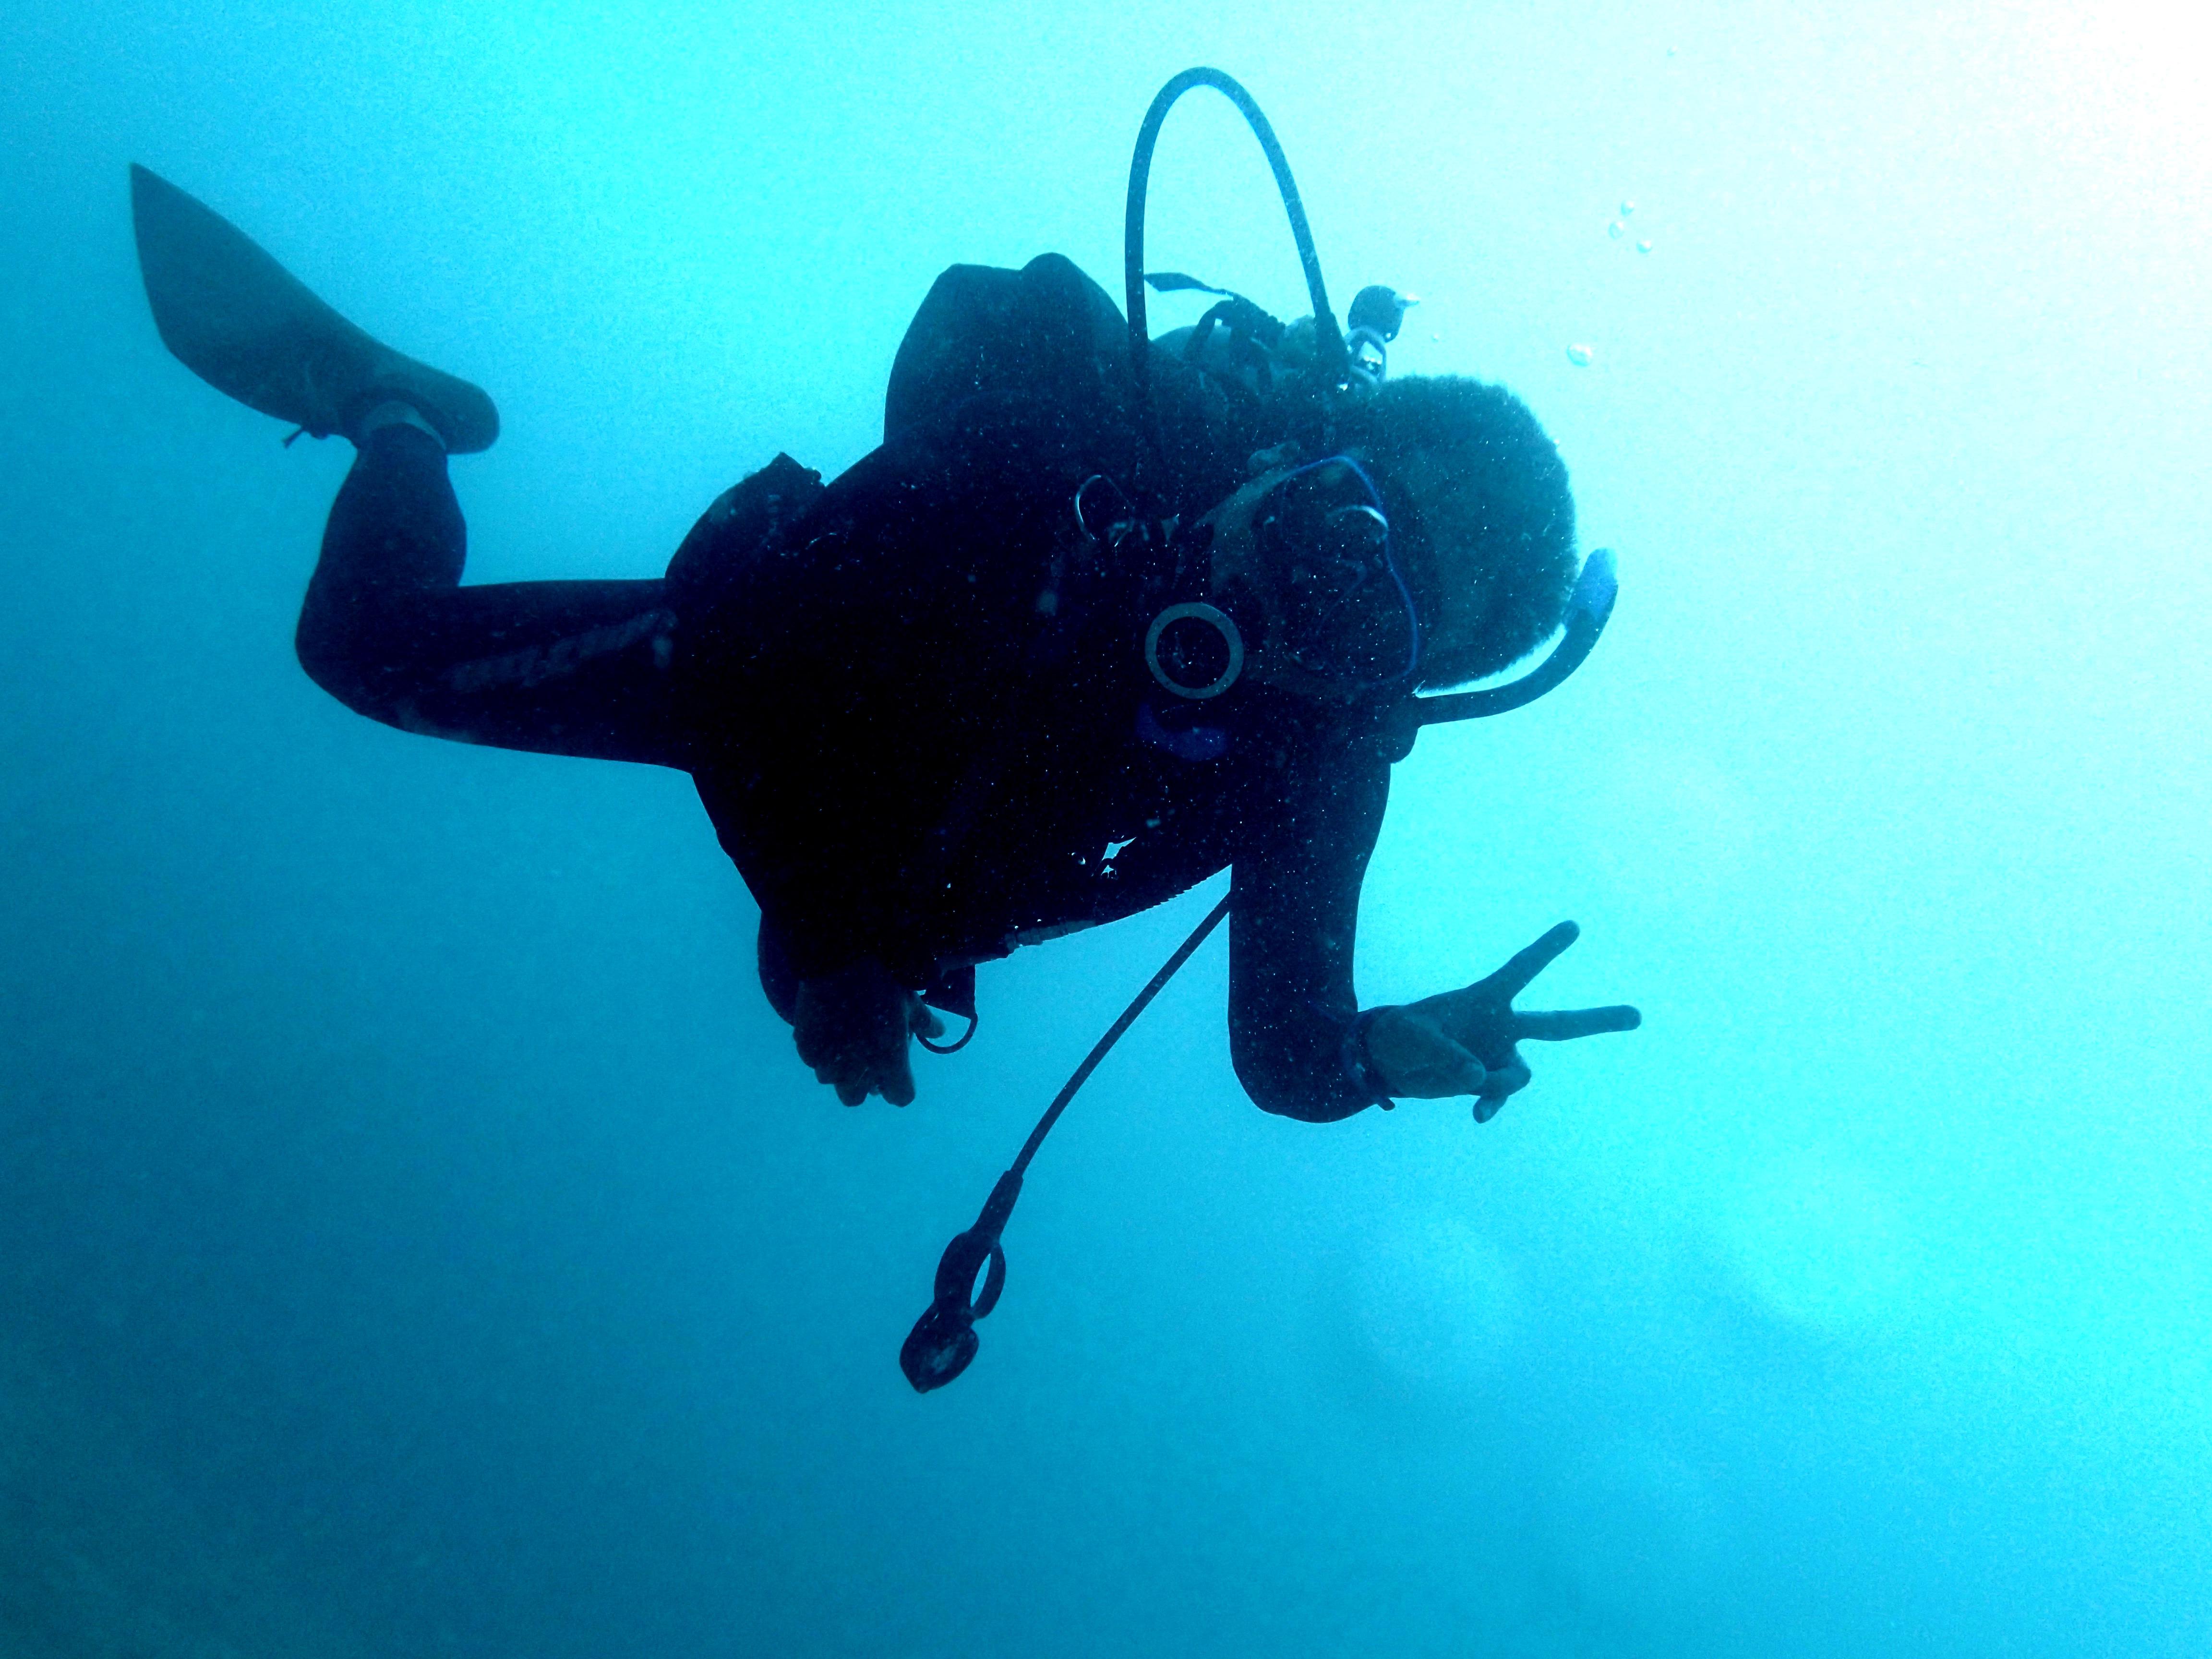 沖繩信息033 沖繩的潛水講習是?關於執照取得的方法